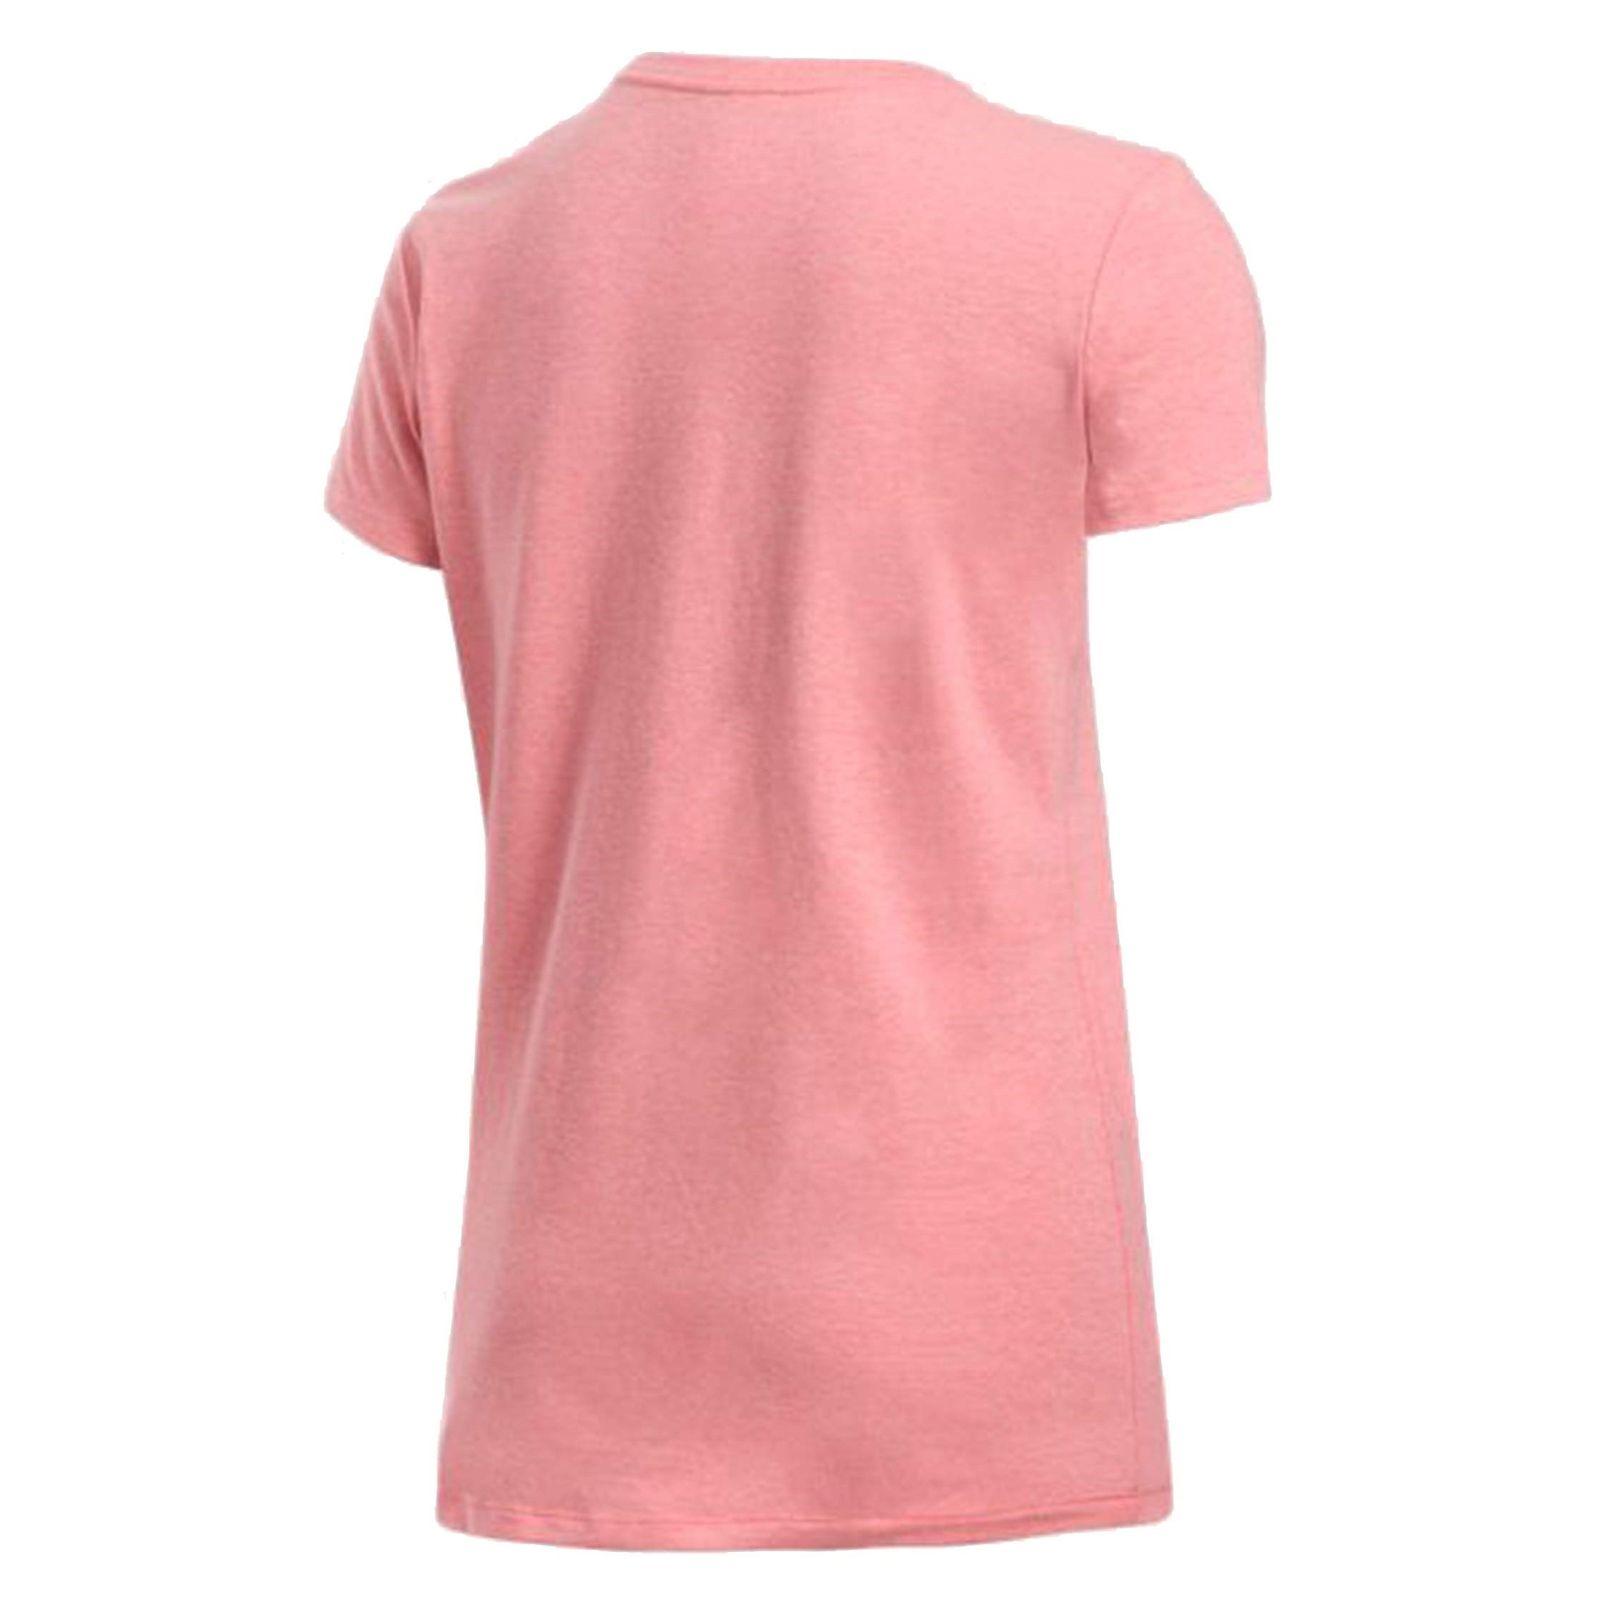 تی شرت نخی یقه گرد زنانه - آندر آرمور - صورتي - 2